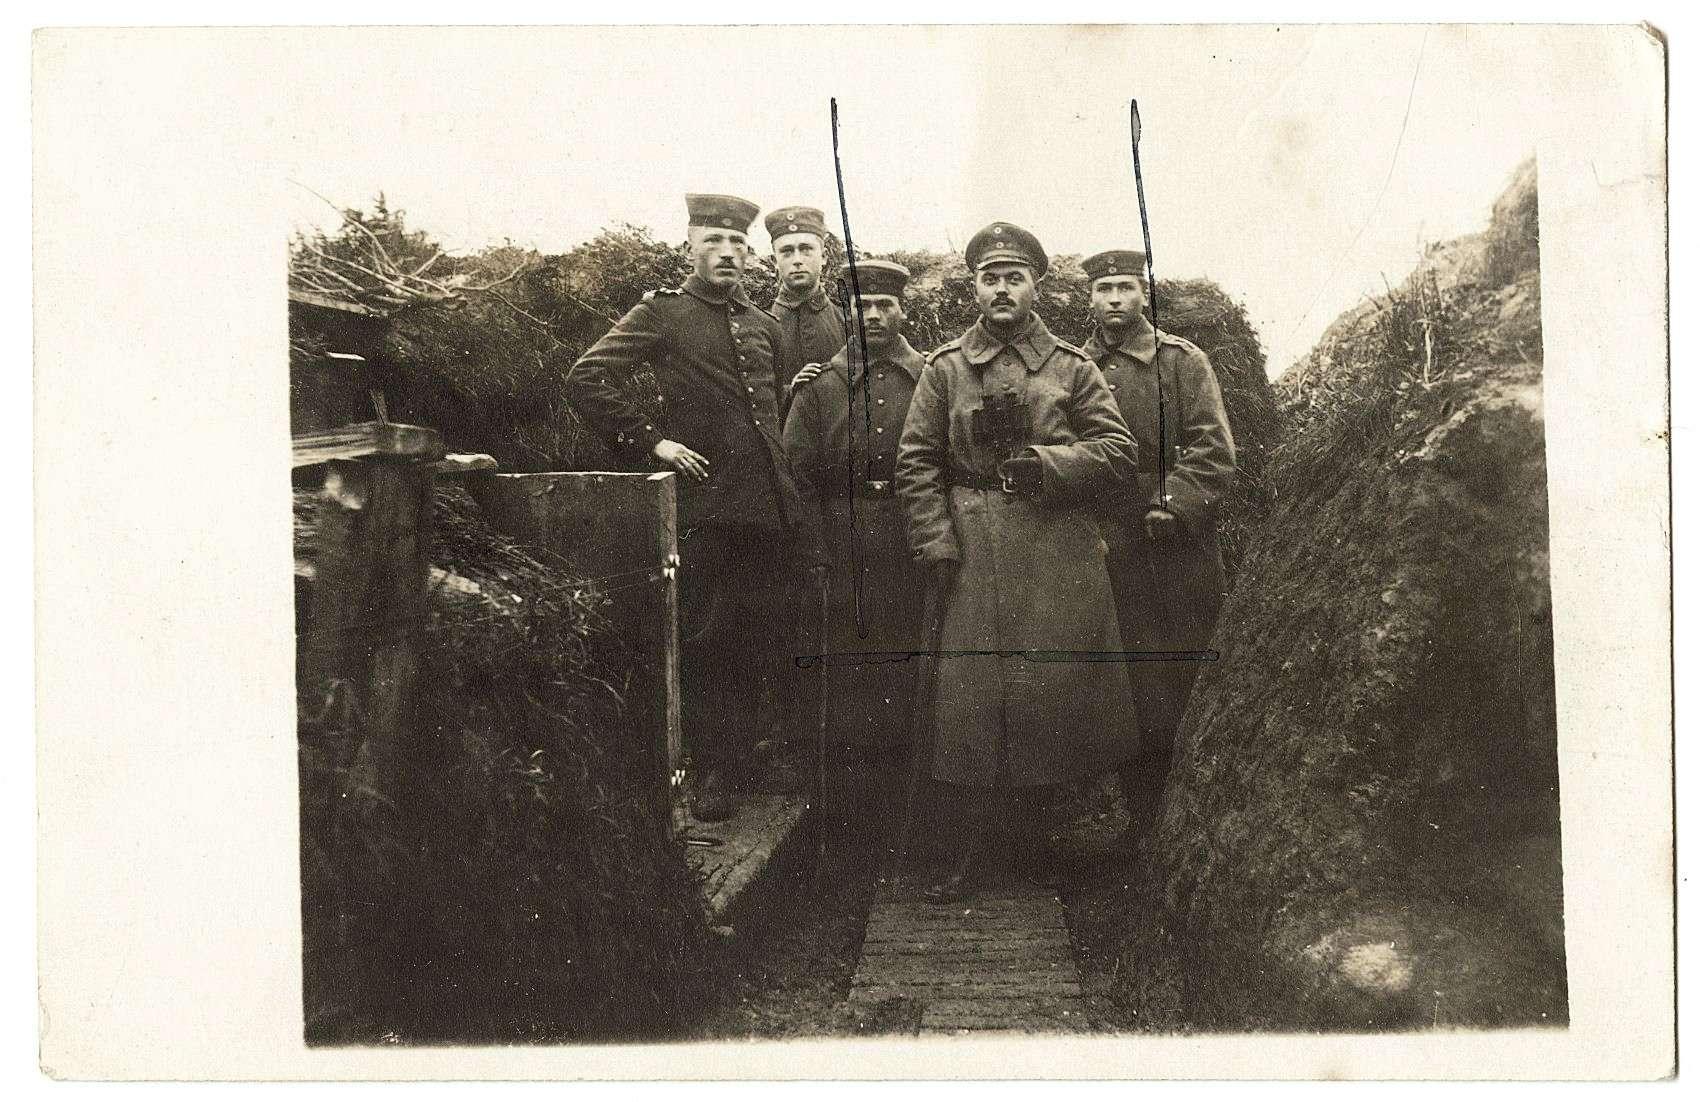 Kriegbaum, Alfred, Bild 2